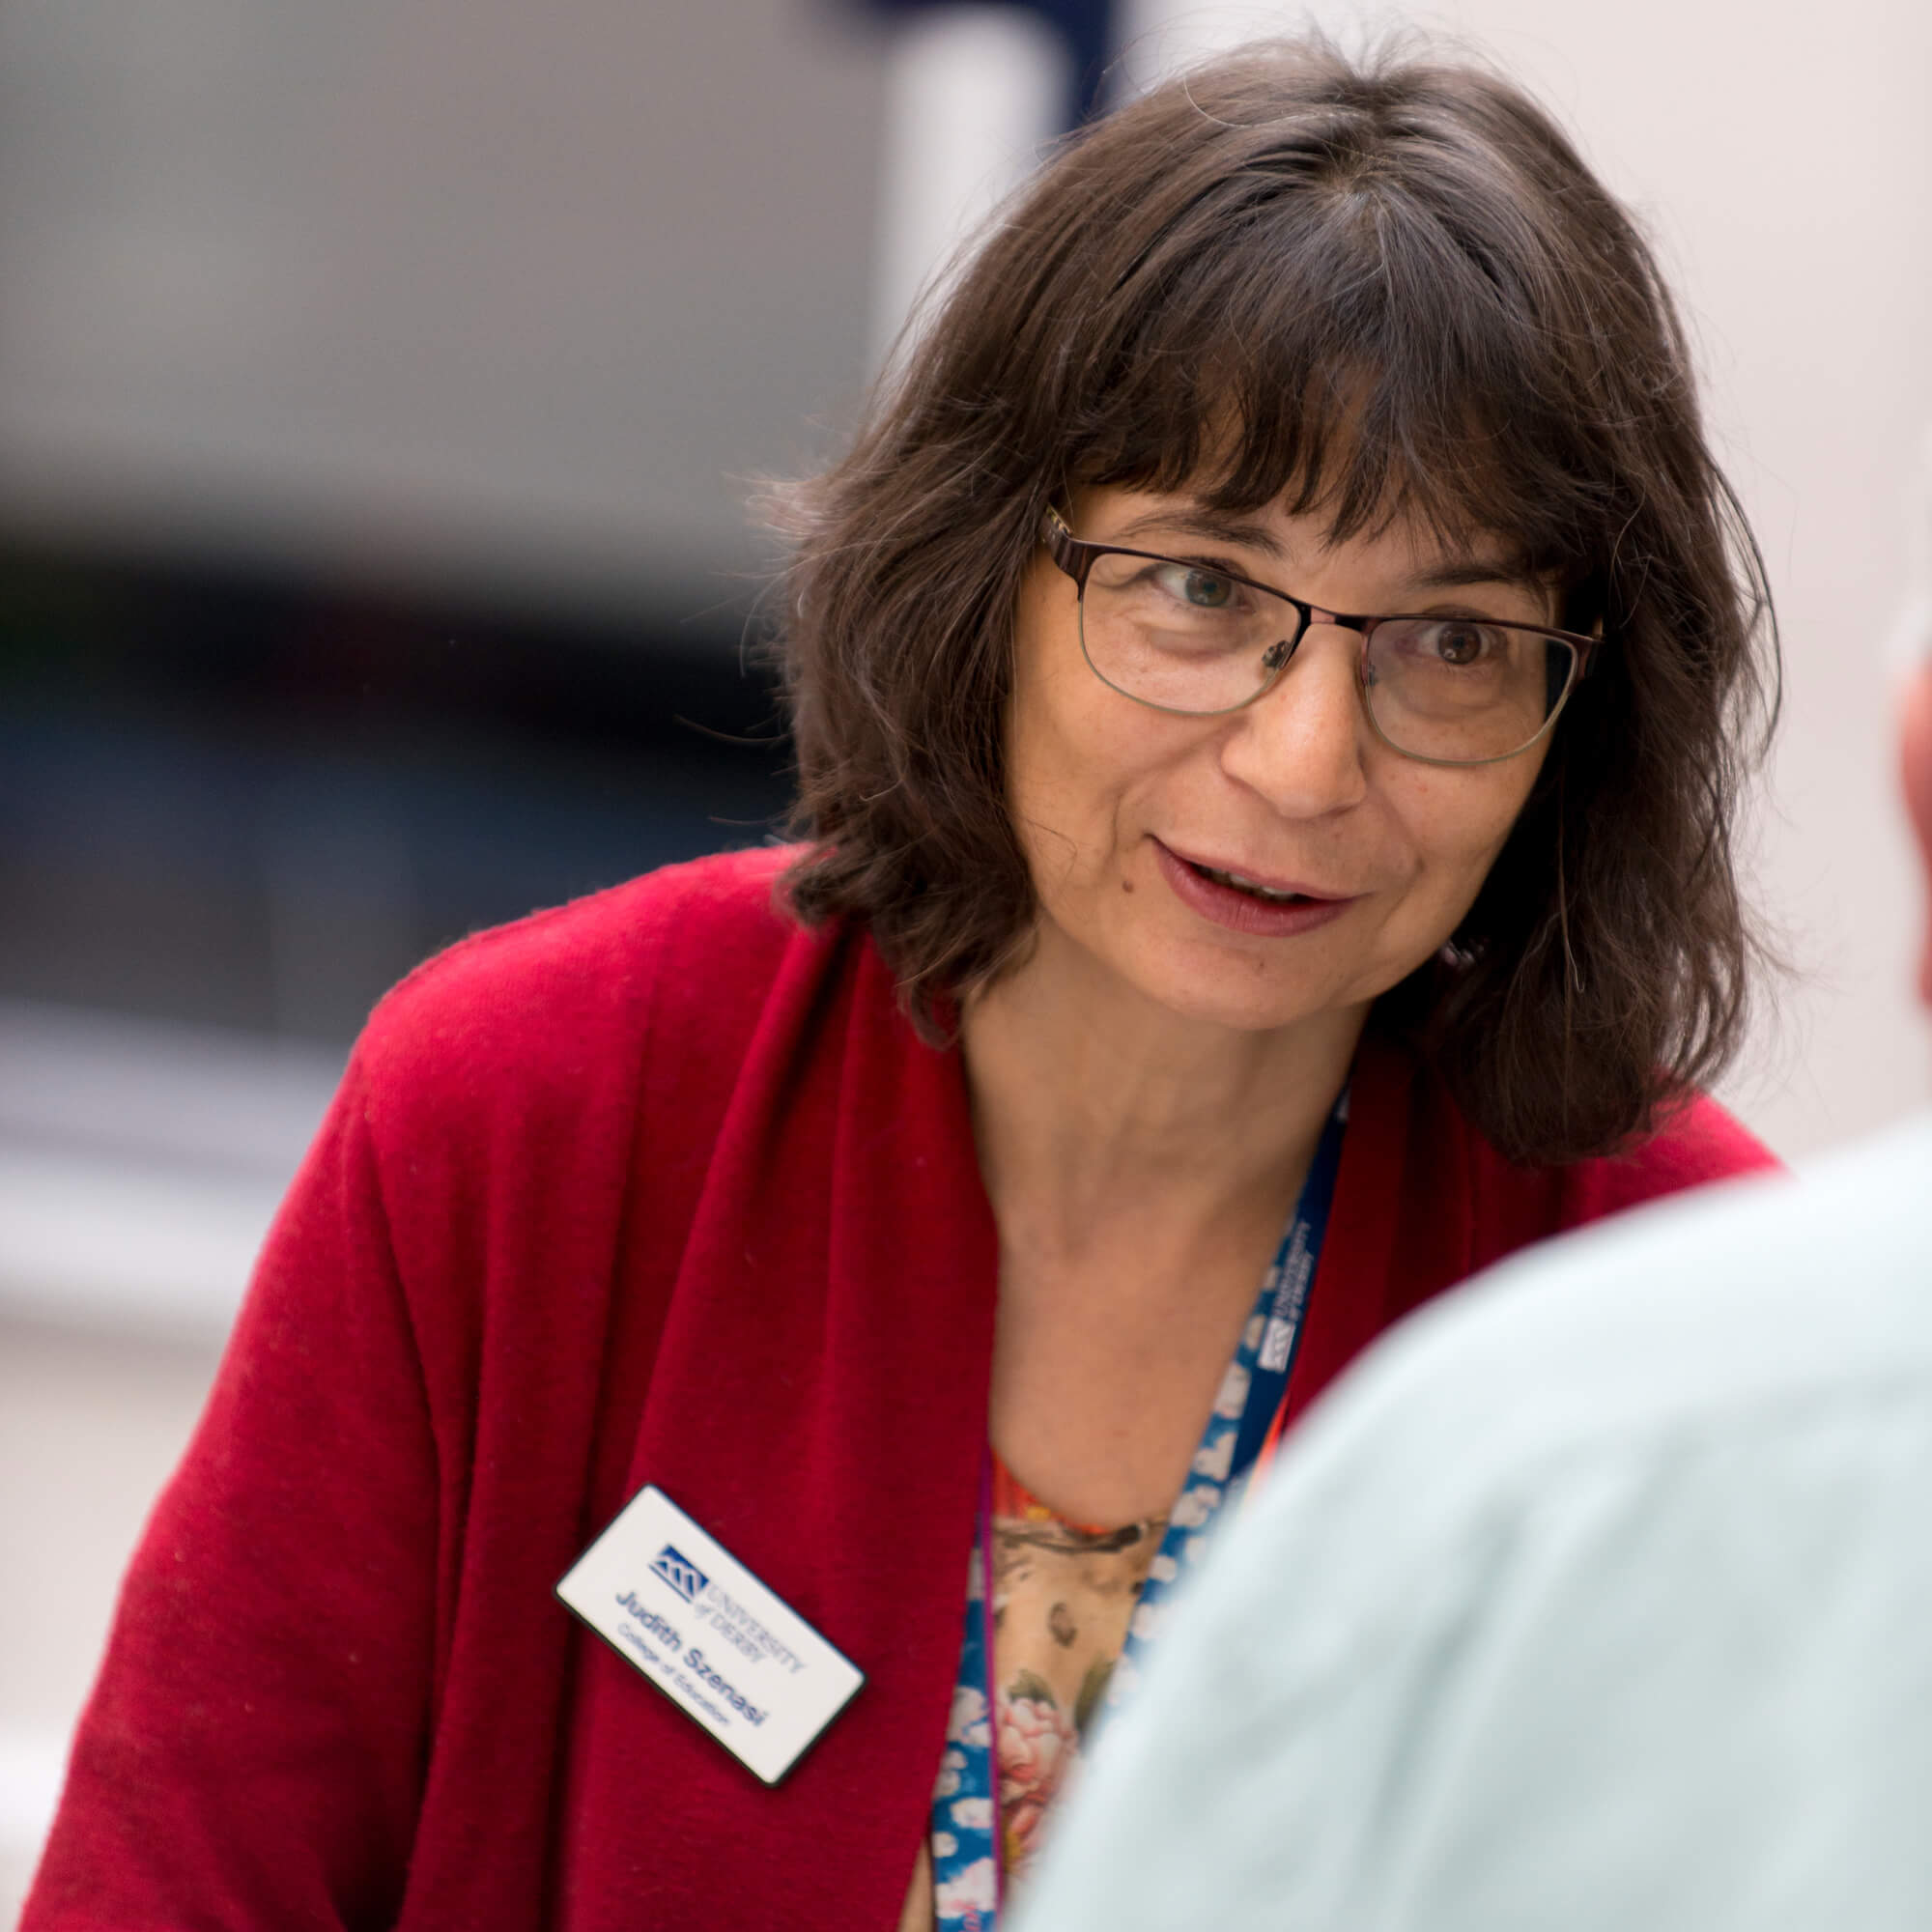 Judith Szenasi